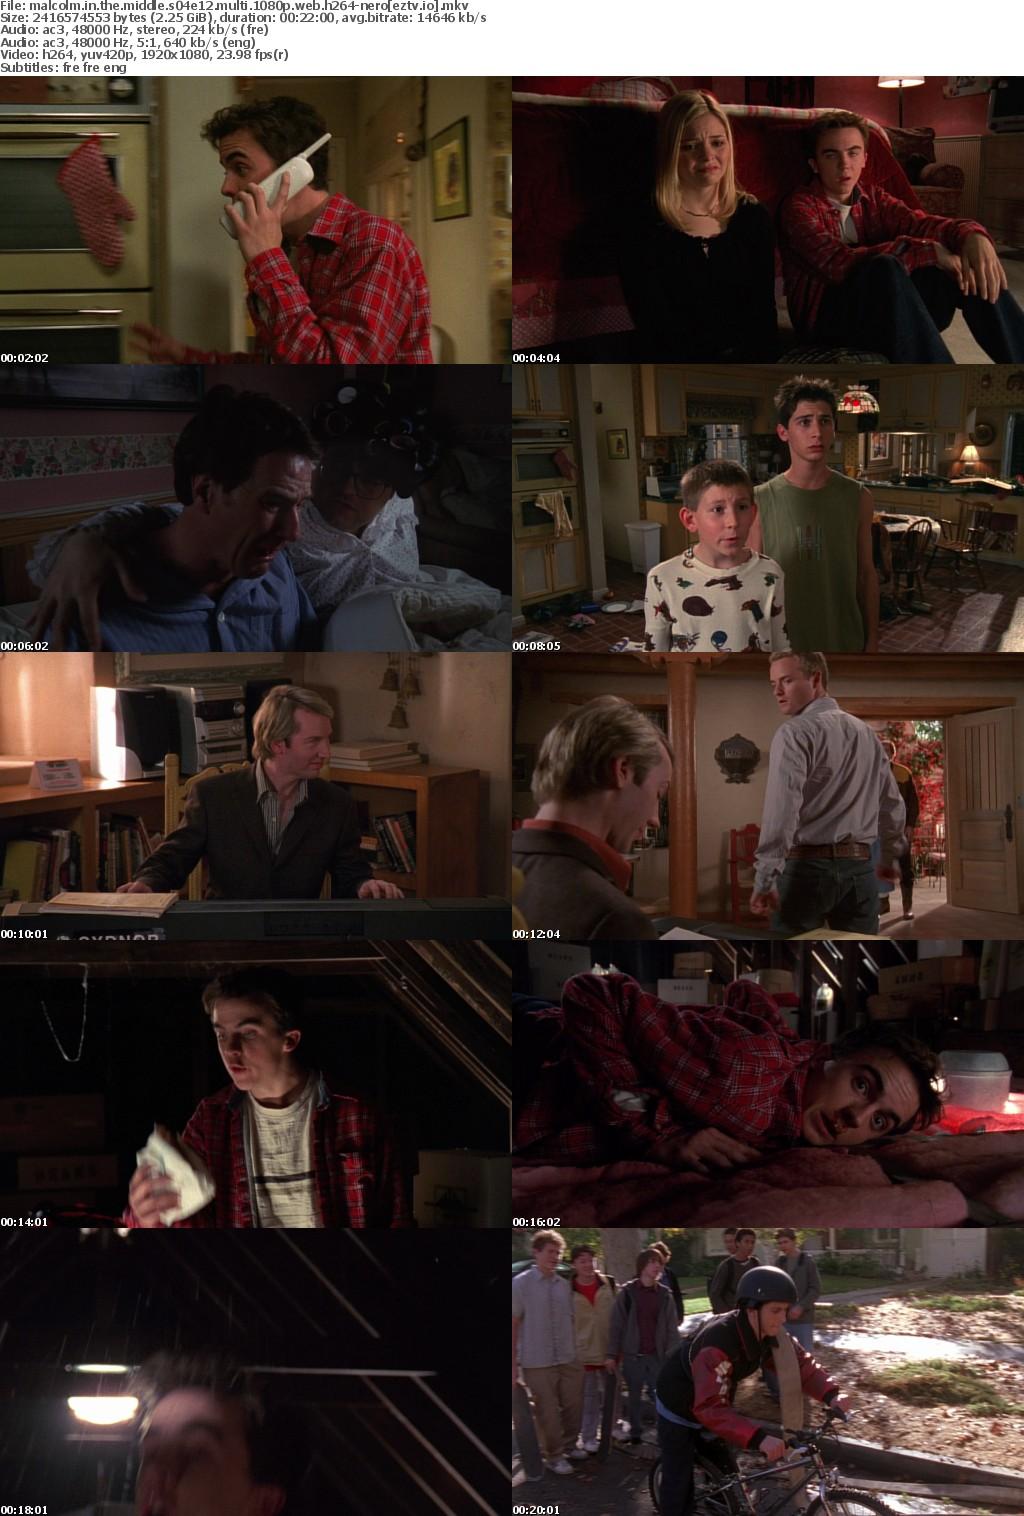 Malcolm In The Middle S04E12 MULTi 1080p WEB H264-NERO